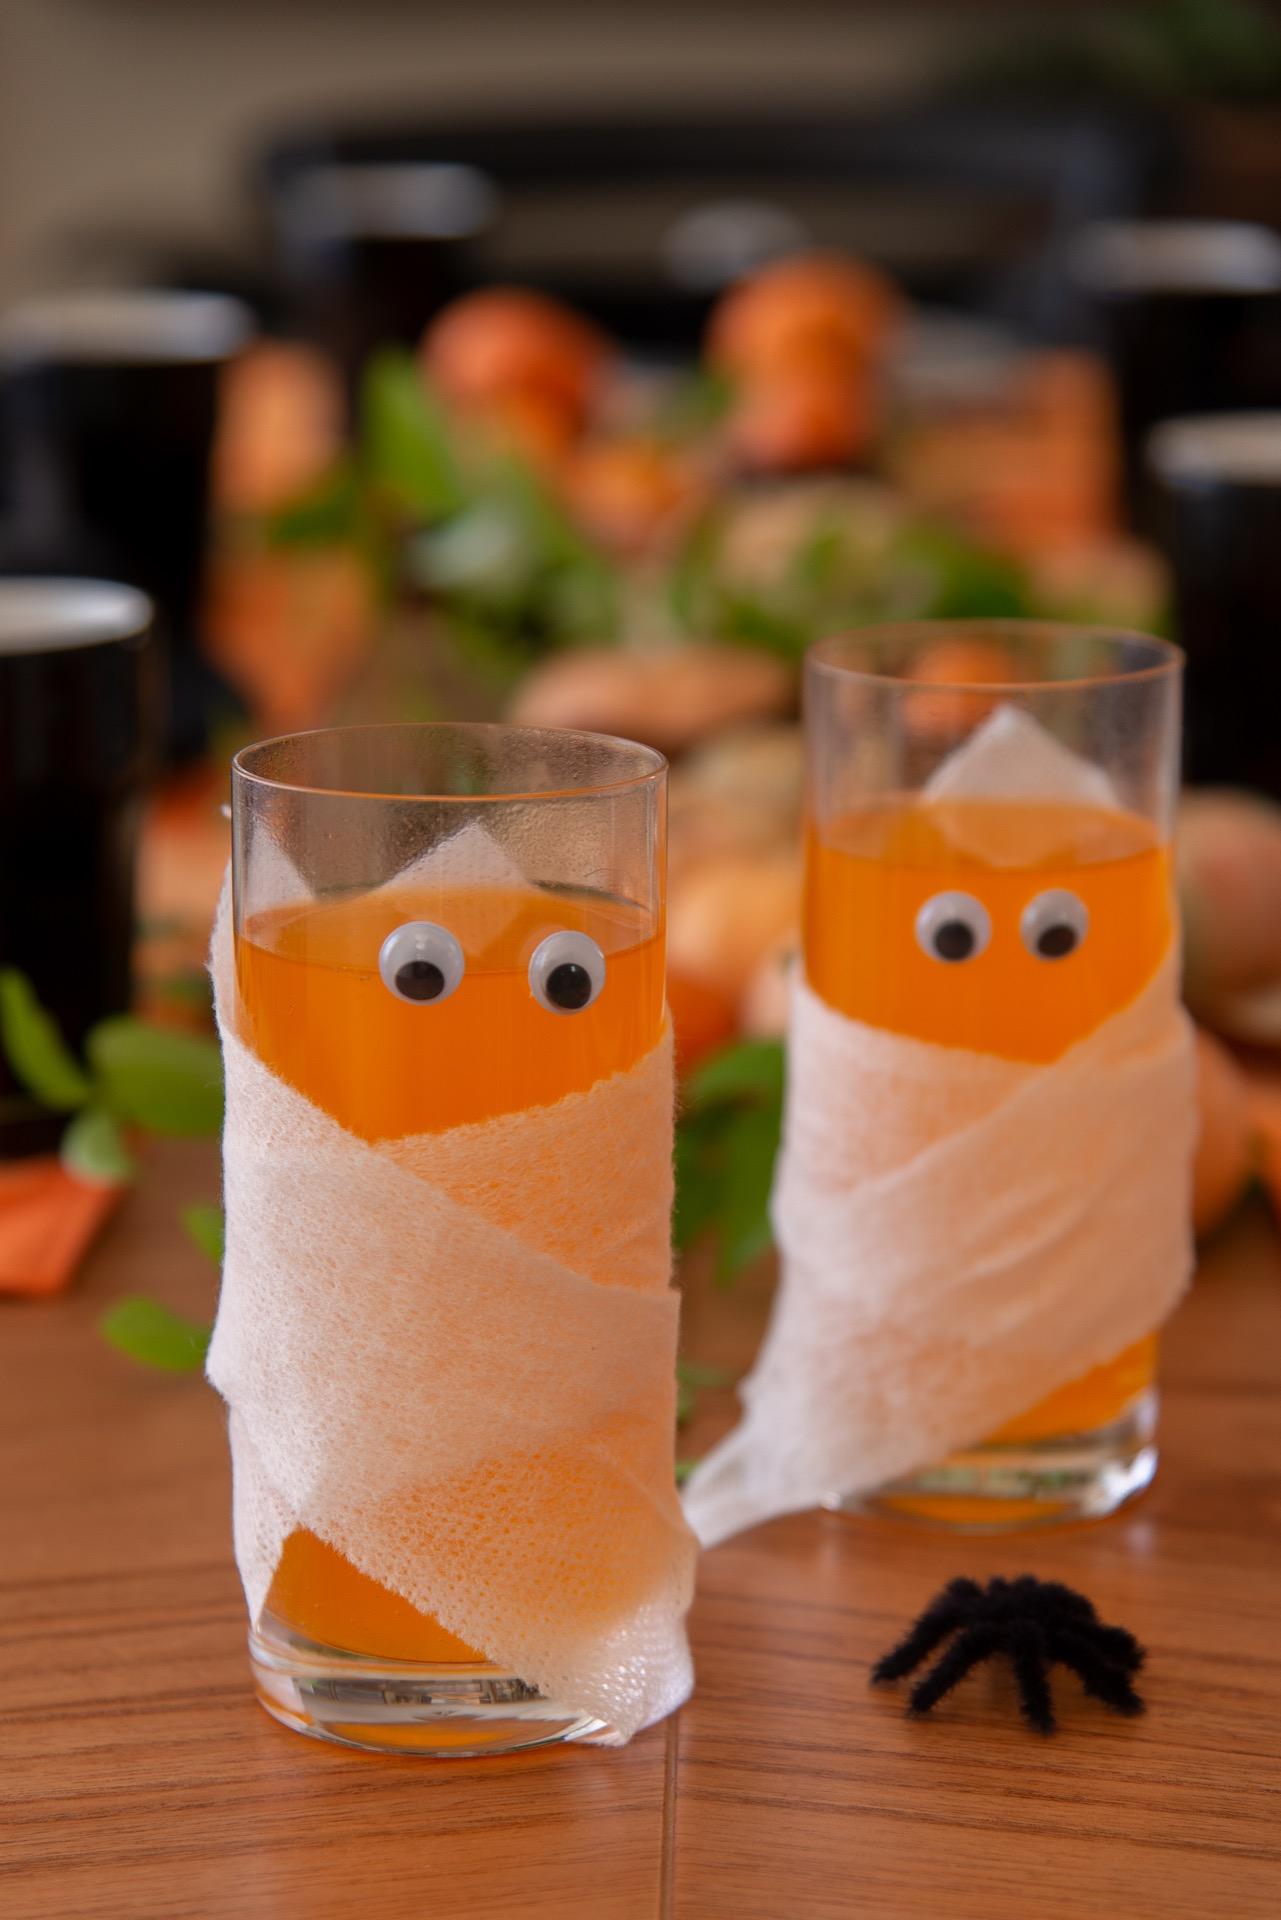 Imagem: Para que os convidados entrem no clima, sirva refrigerante de laranja em copos decorados como múmias. Basta enrolar uma gaze em volta do copo e colar olhinhos. Foto: Cacá Bratke